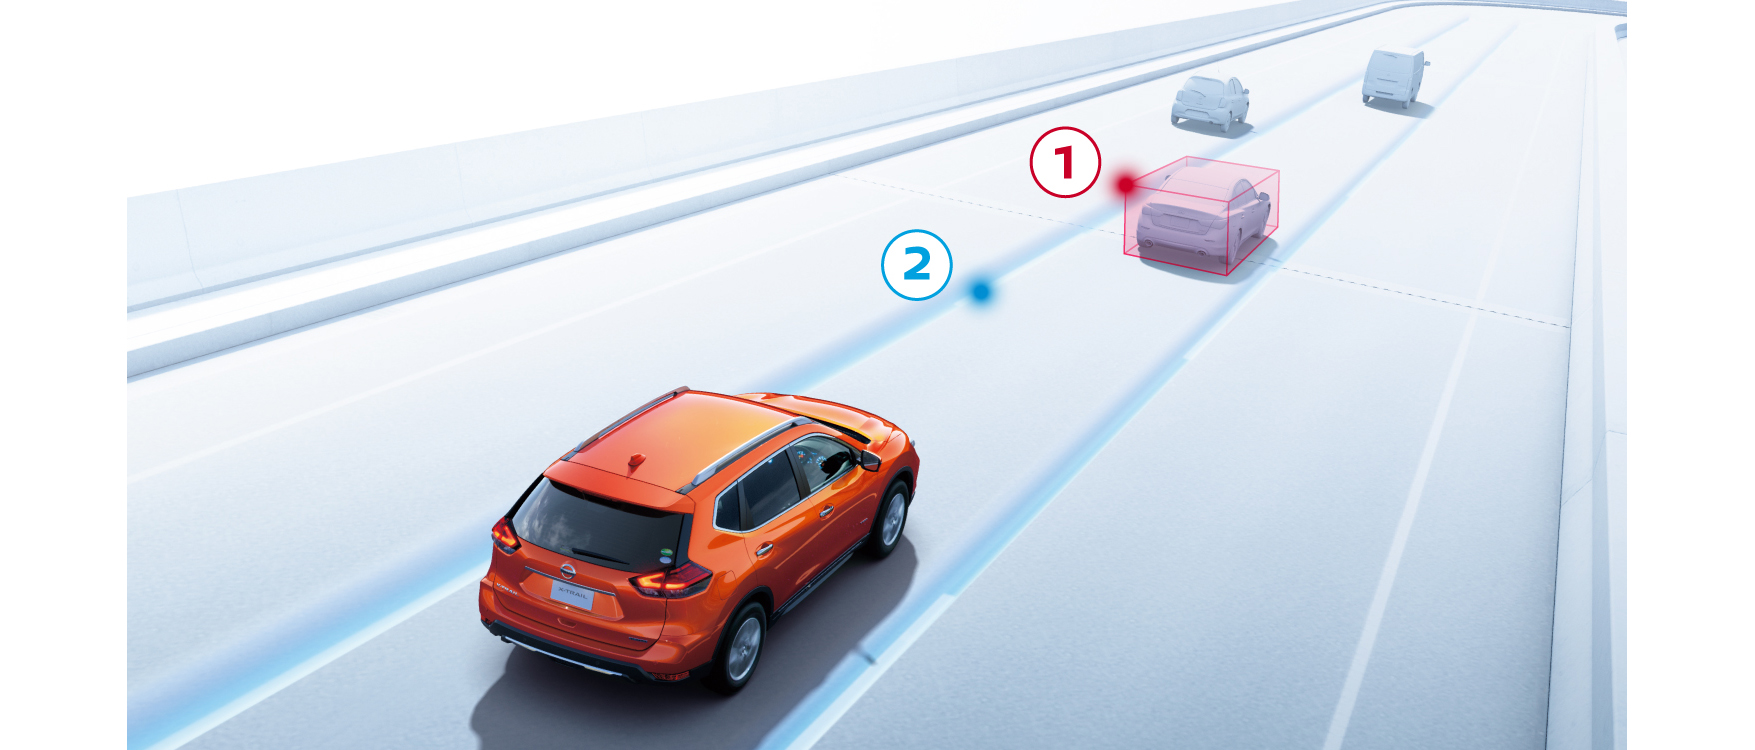 高速道路 同一車線自動運転技術「プロパイロット」。